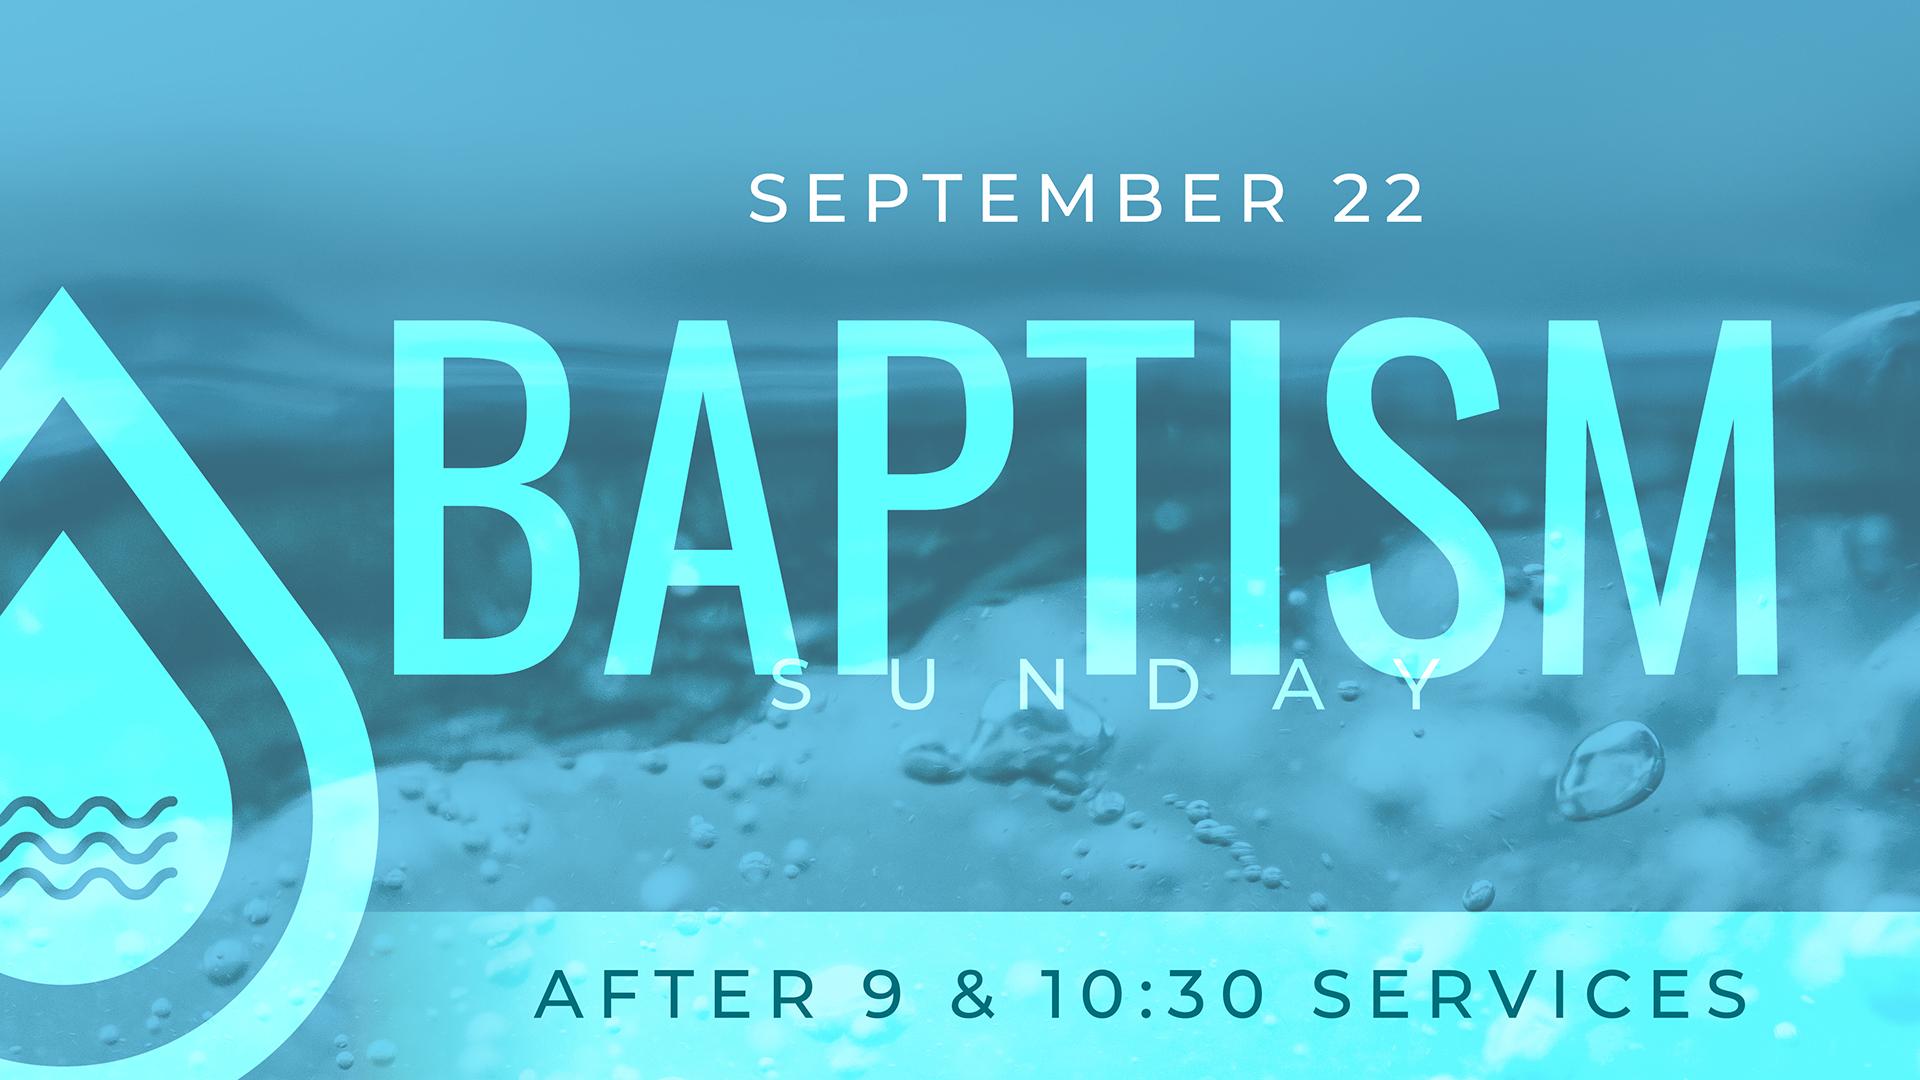 Baptism_1920x1080_Final.jpg